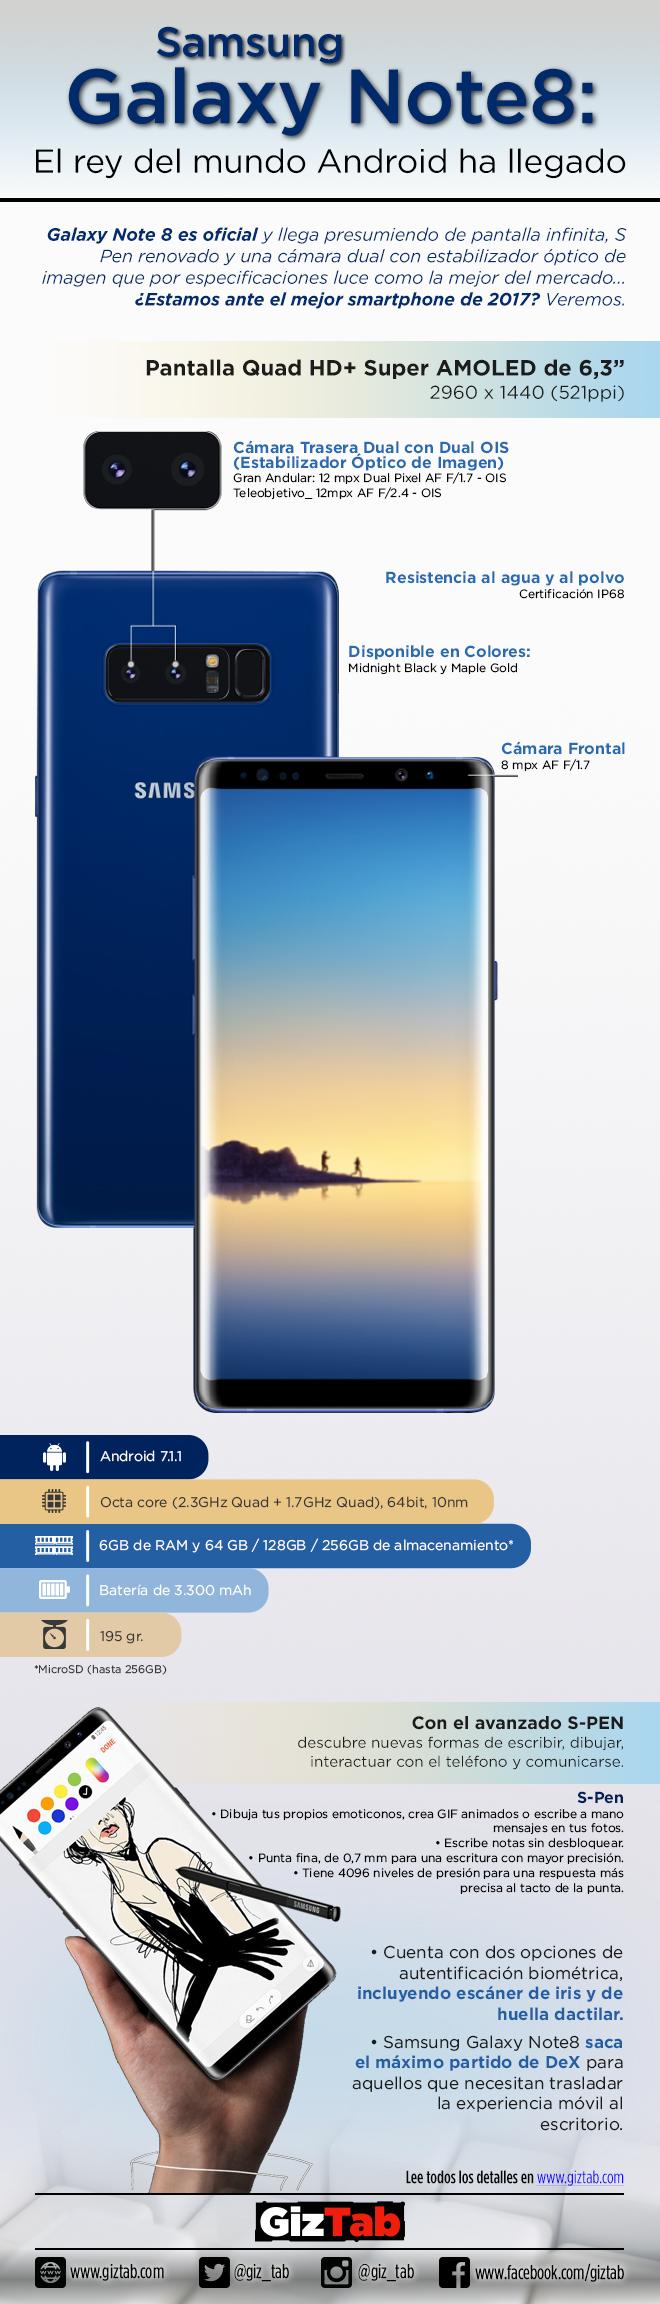 Samsung Galaxy Note 8, resumen de características